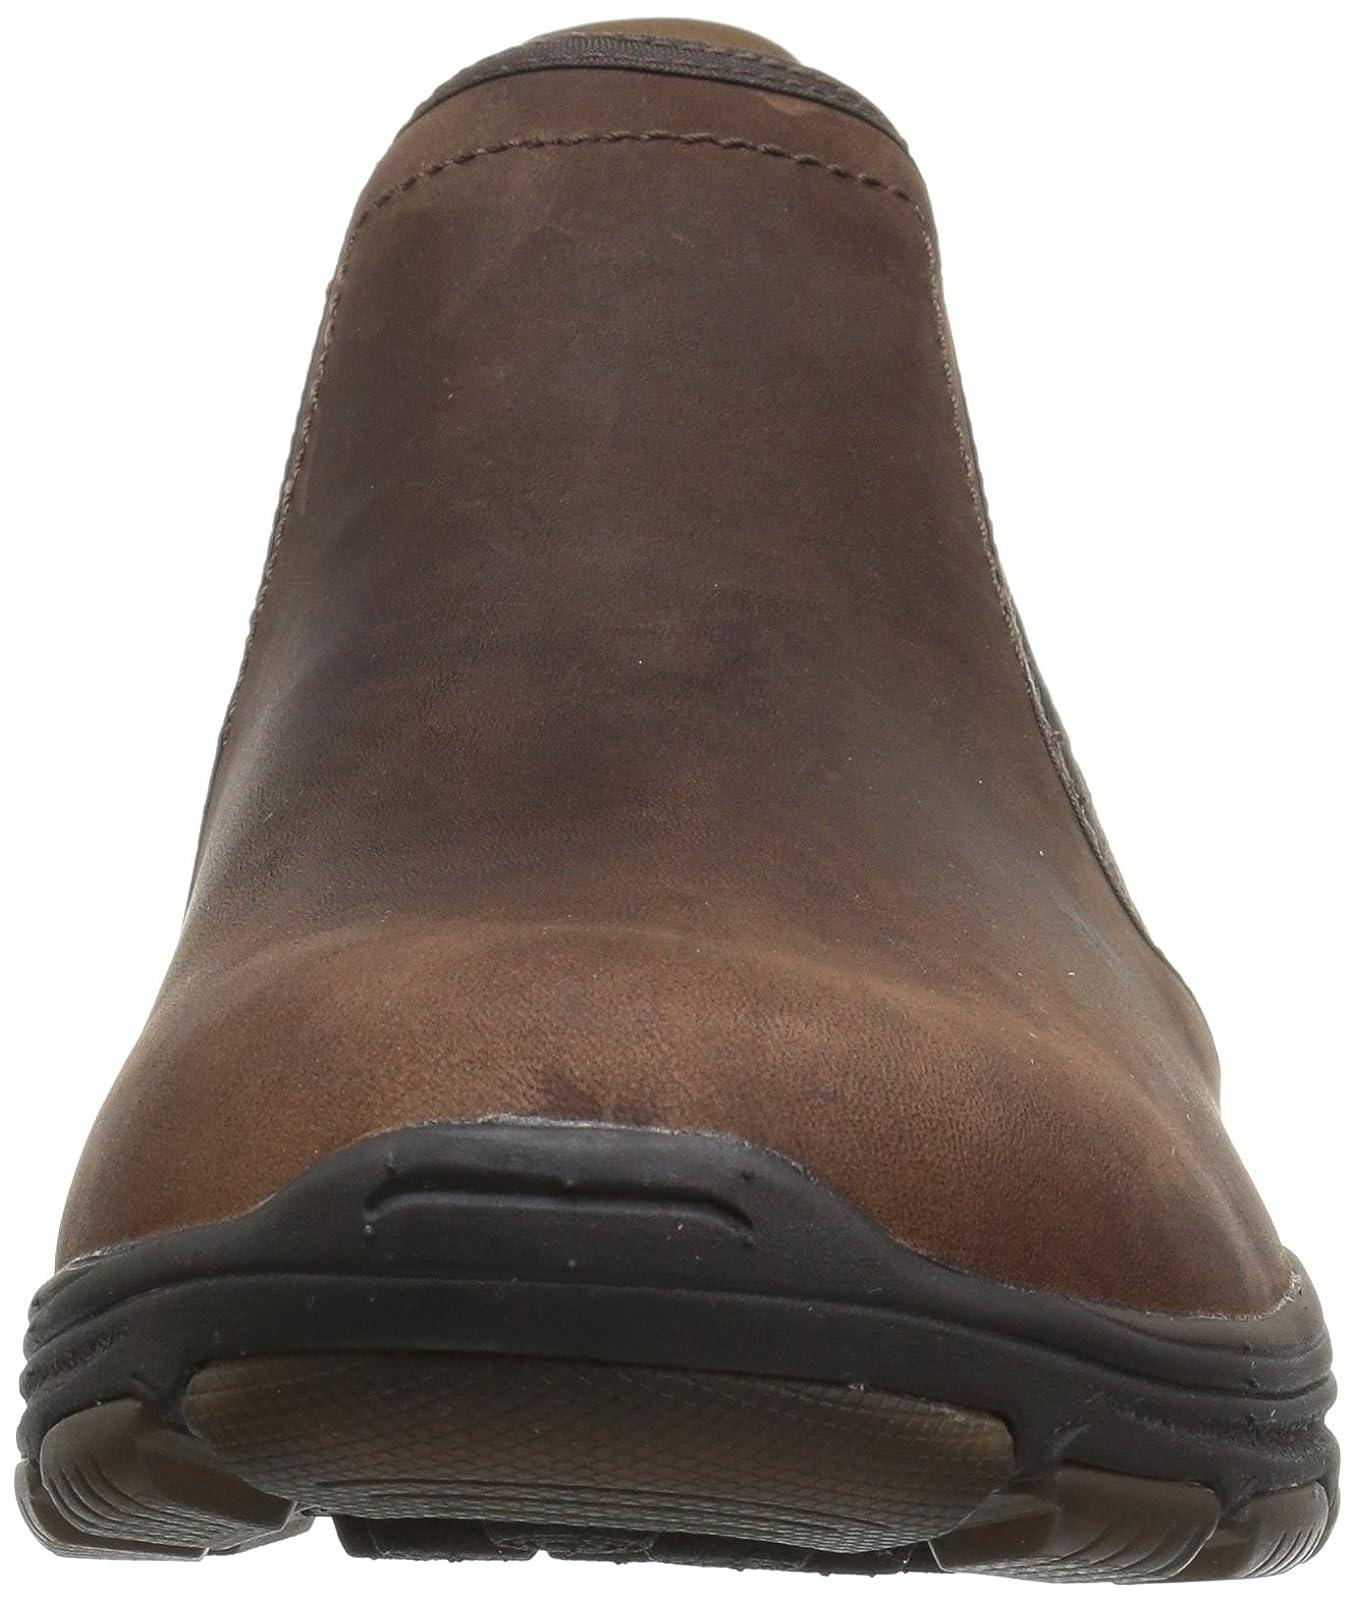 Skechers Men's Garton Keven Ankle Bootie 8 M US - 4